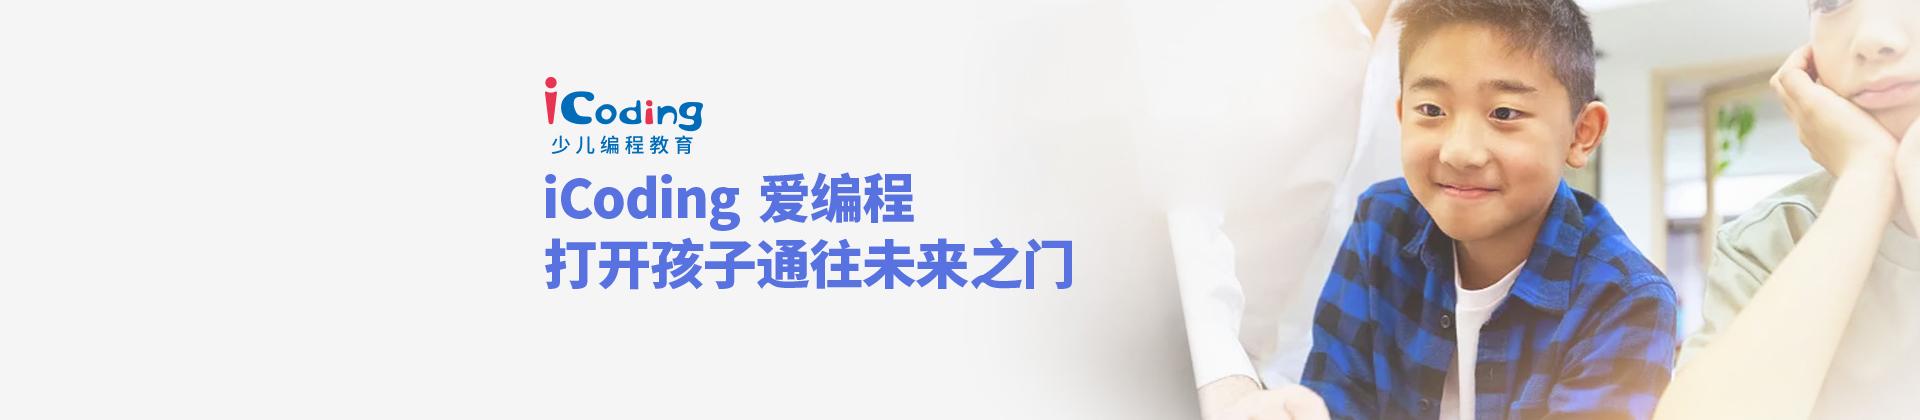 北京愛編程少兒編程教育